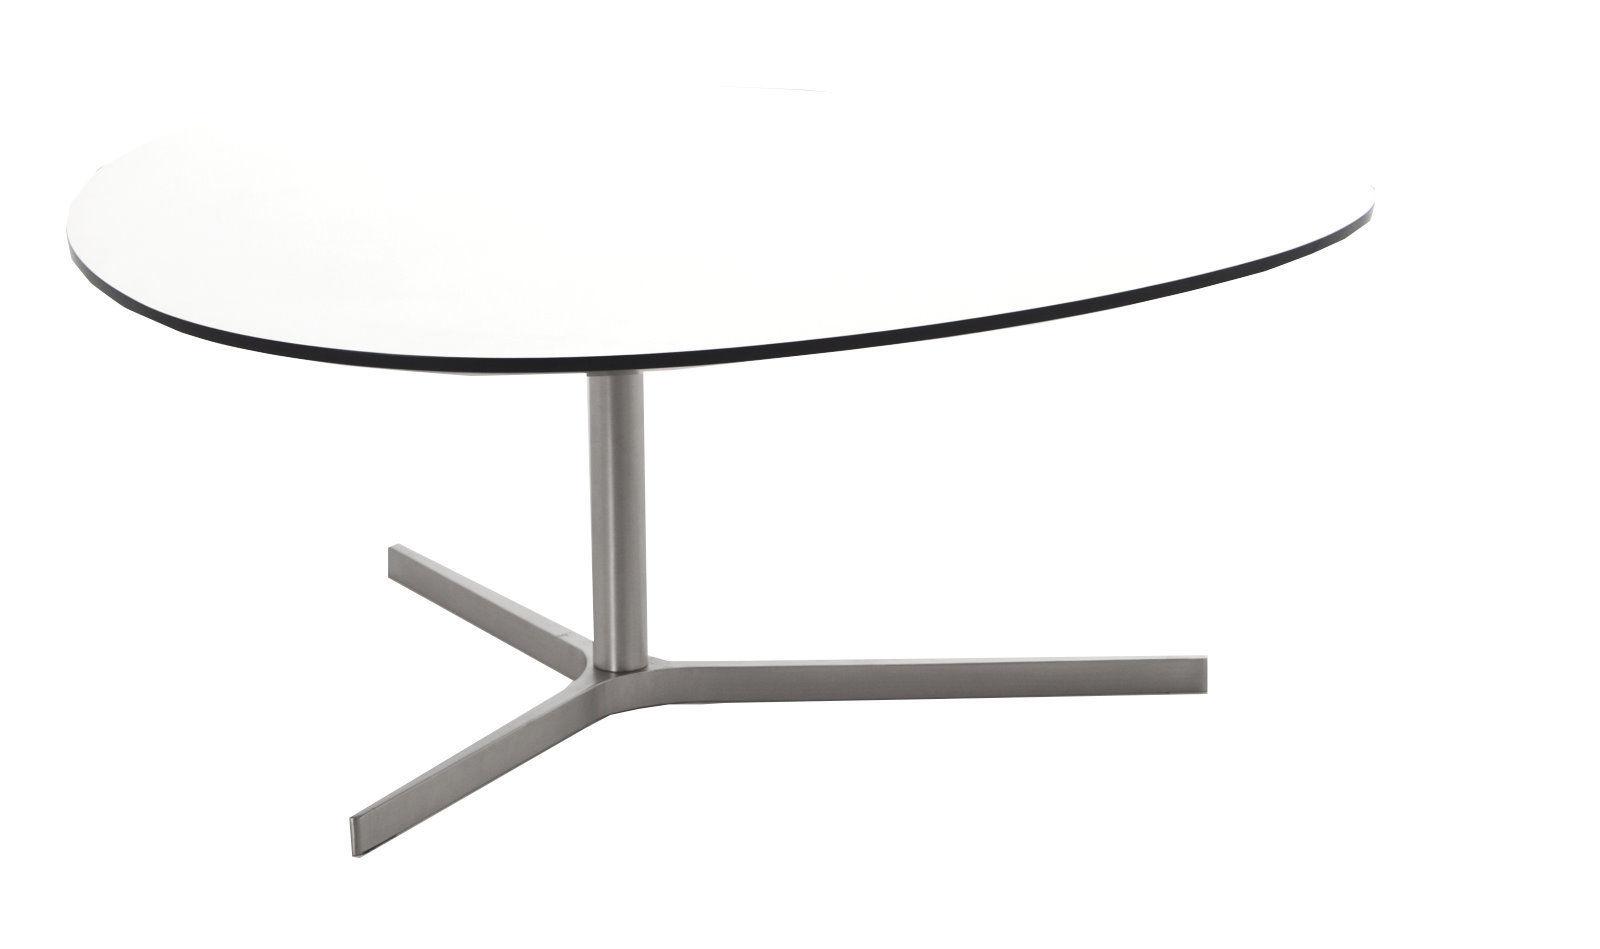 pkline couchtisch 103x95cm tisch beistelltisch wohnzimmertisch dynamic. Black Bedroom Furniture Sets. Home Design Ideas